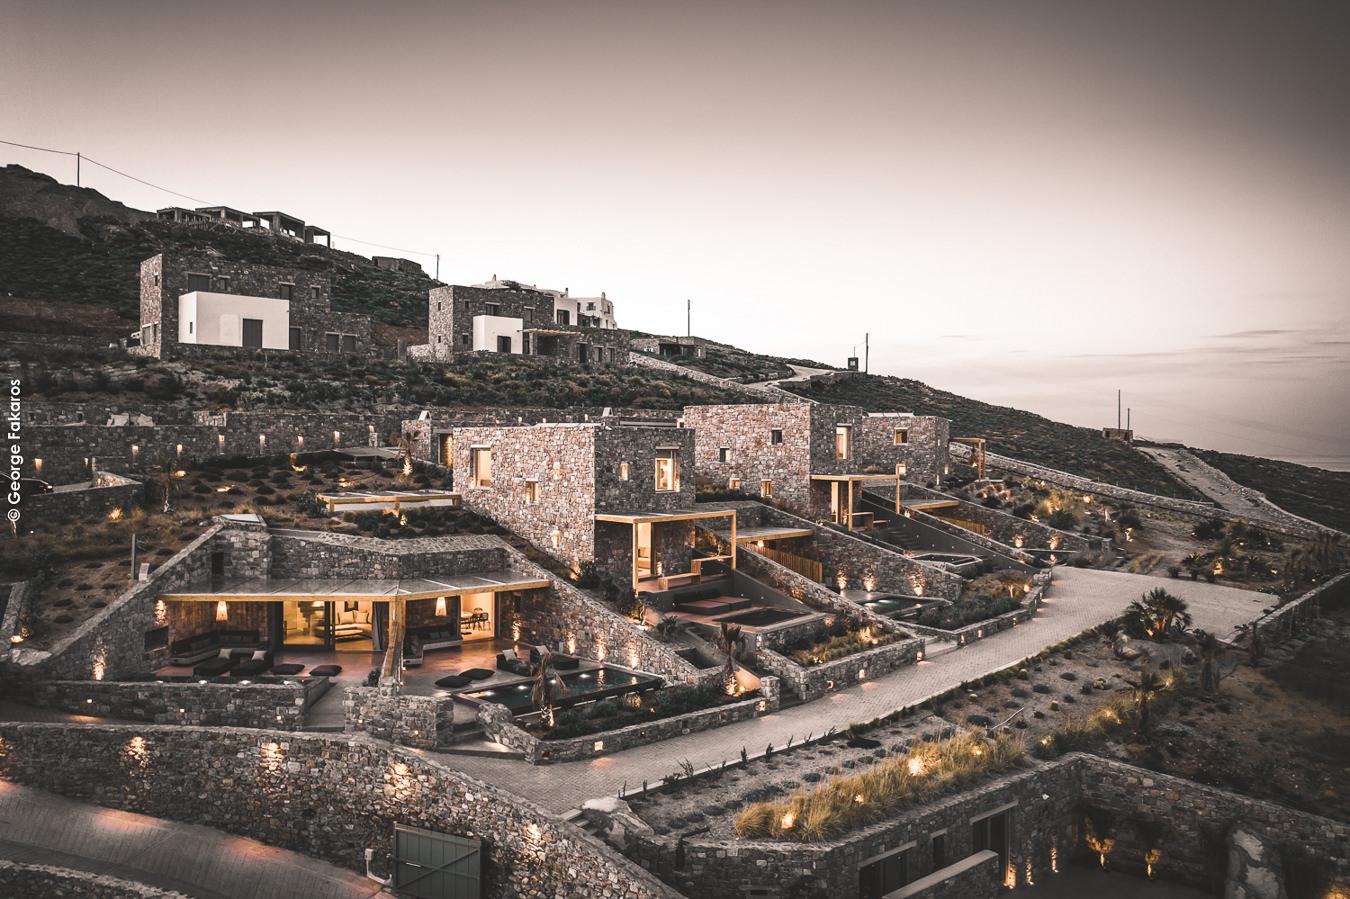 Panormos Bay Luxury Suites, Γιώργος Φάκαρος - Αρχιτεκτονική Φωτογραφία | Εσωτερικοί Χώροι | Φωτογραφία Ξενοδοχειών - Photography / Φωτογραφία